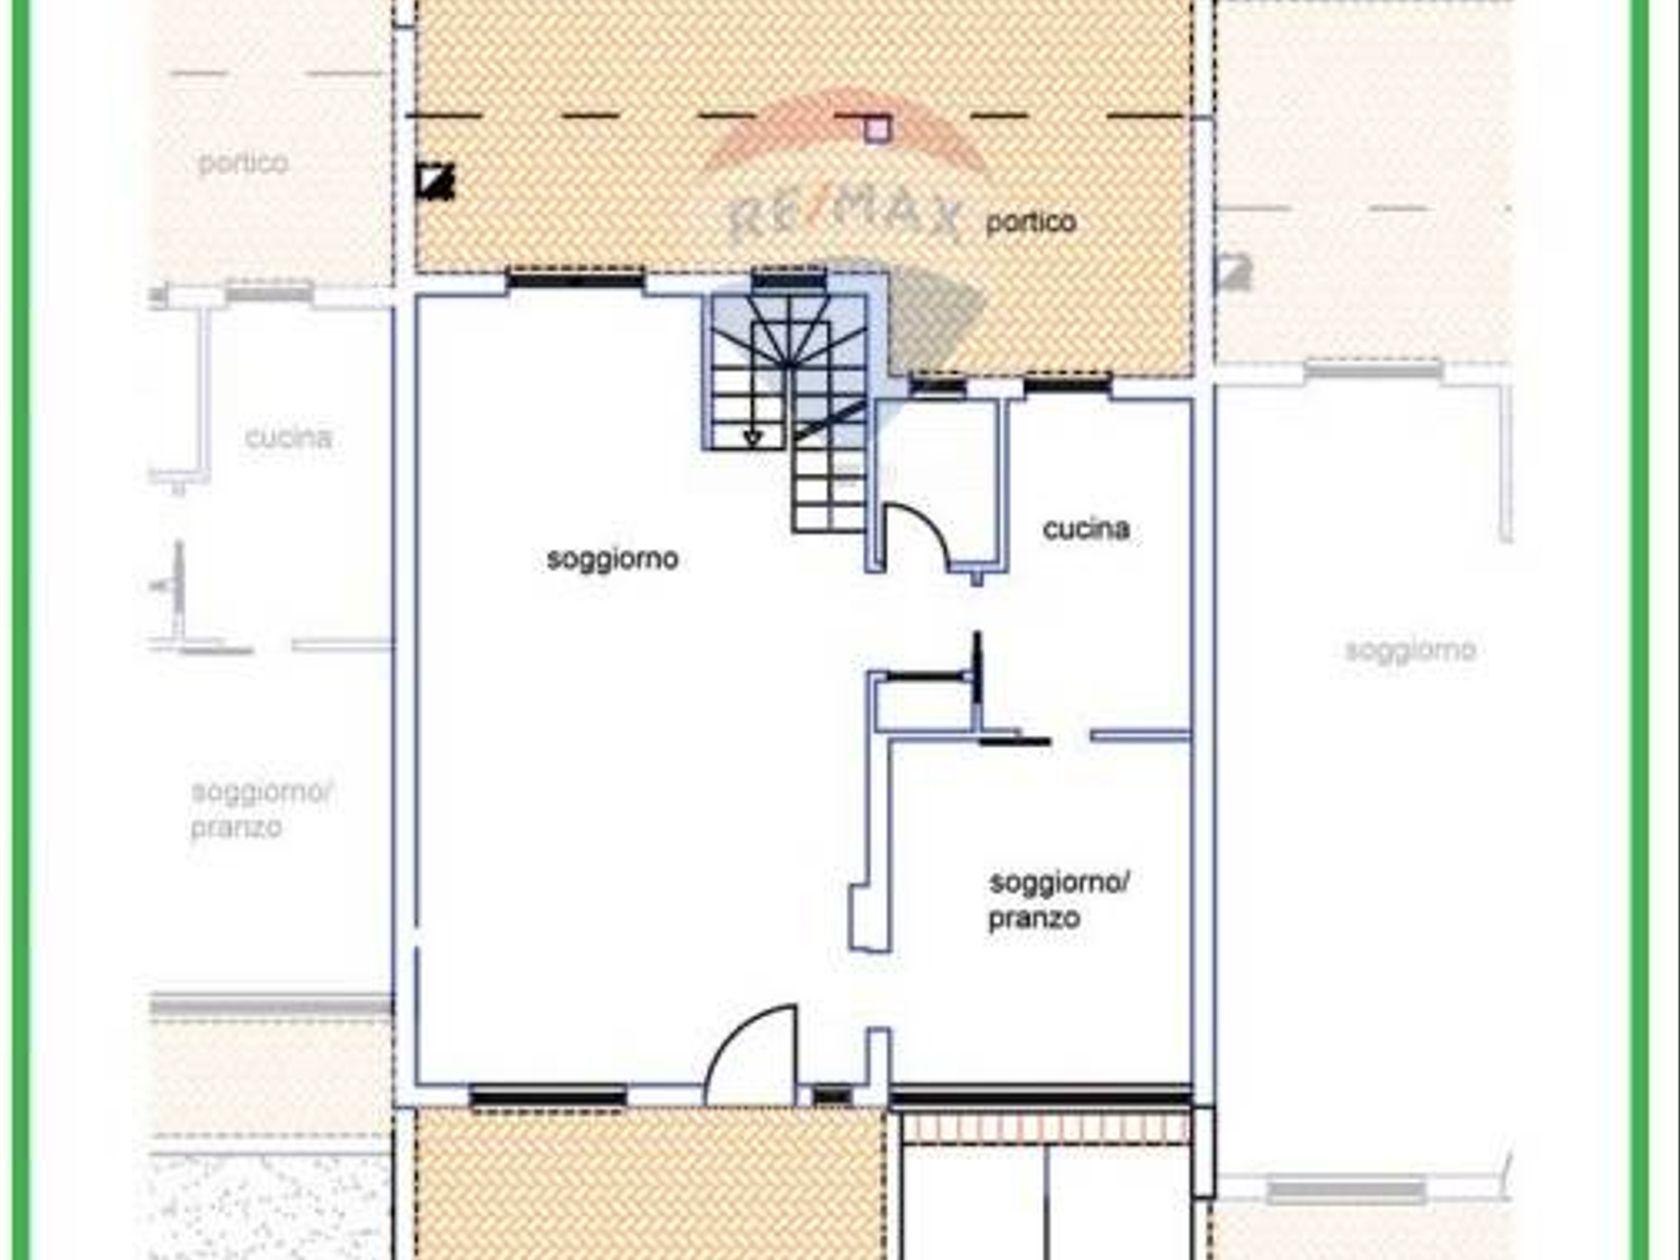 Villa a schiera Grottaferrata, RM Vendita - Planimetria 1